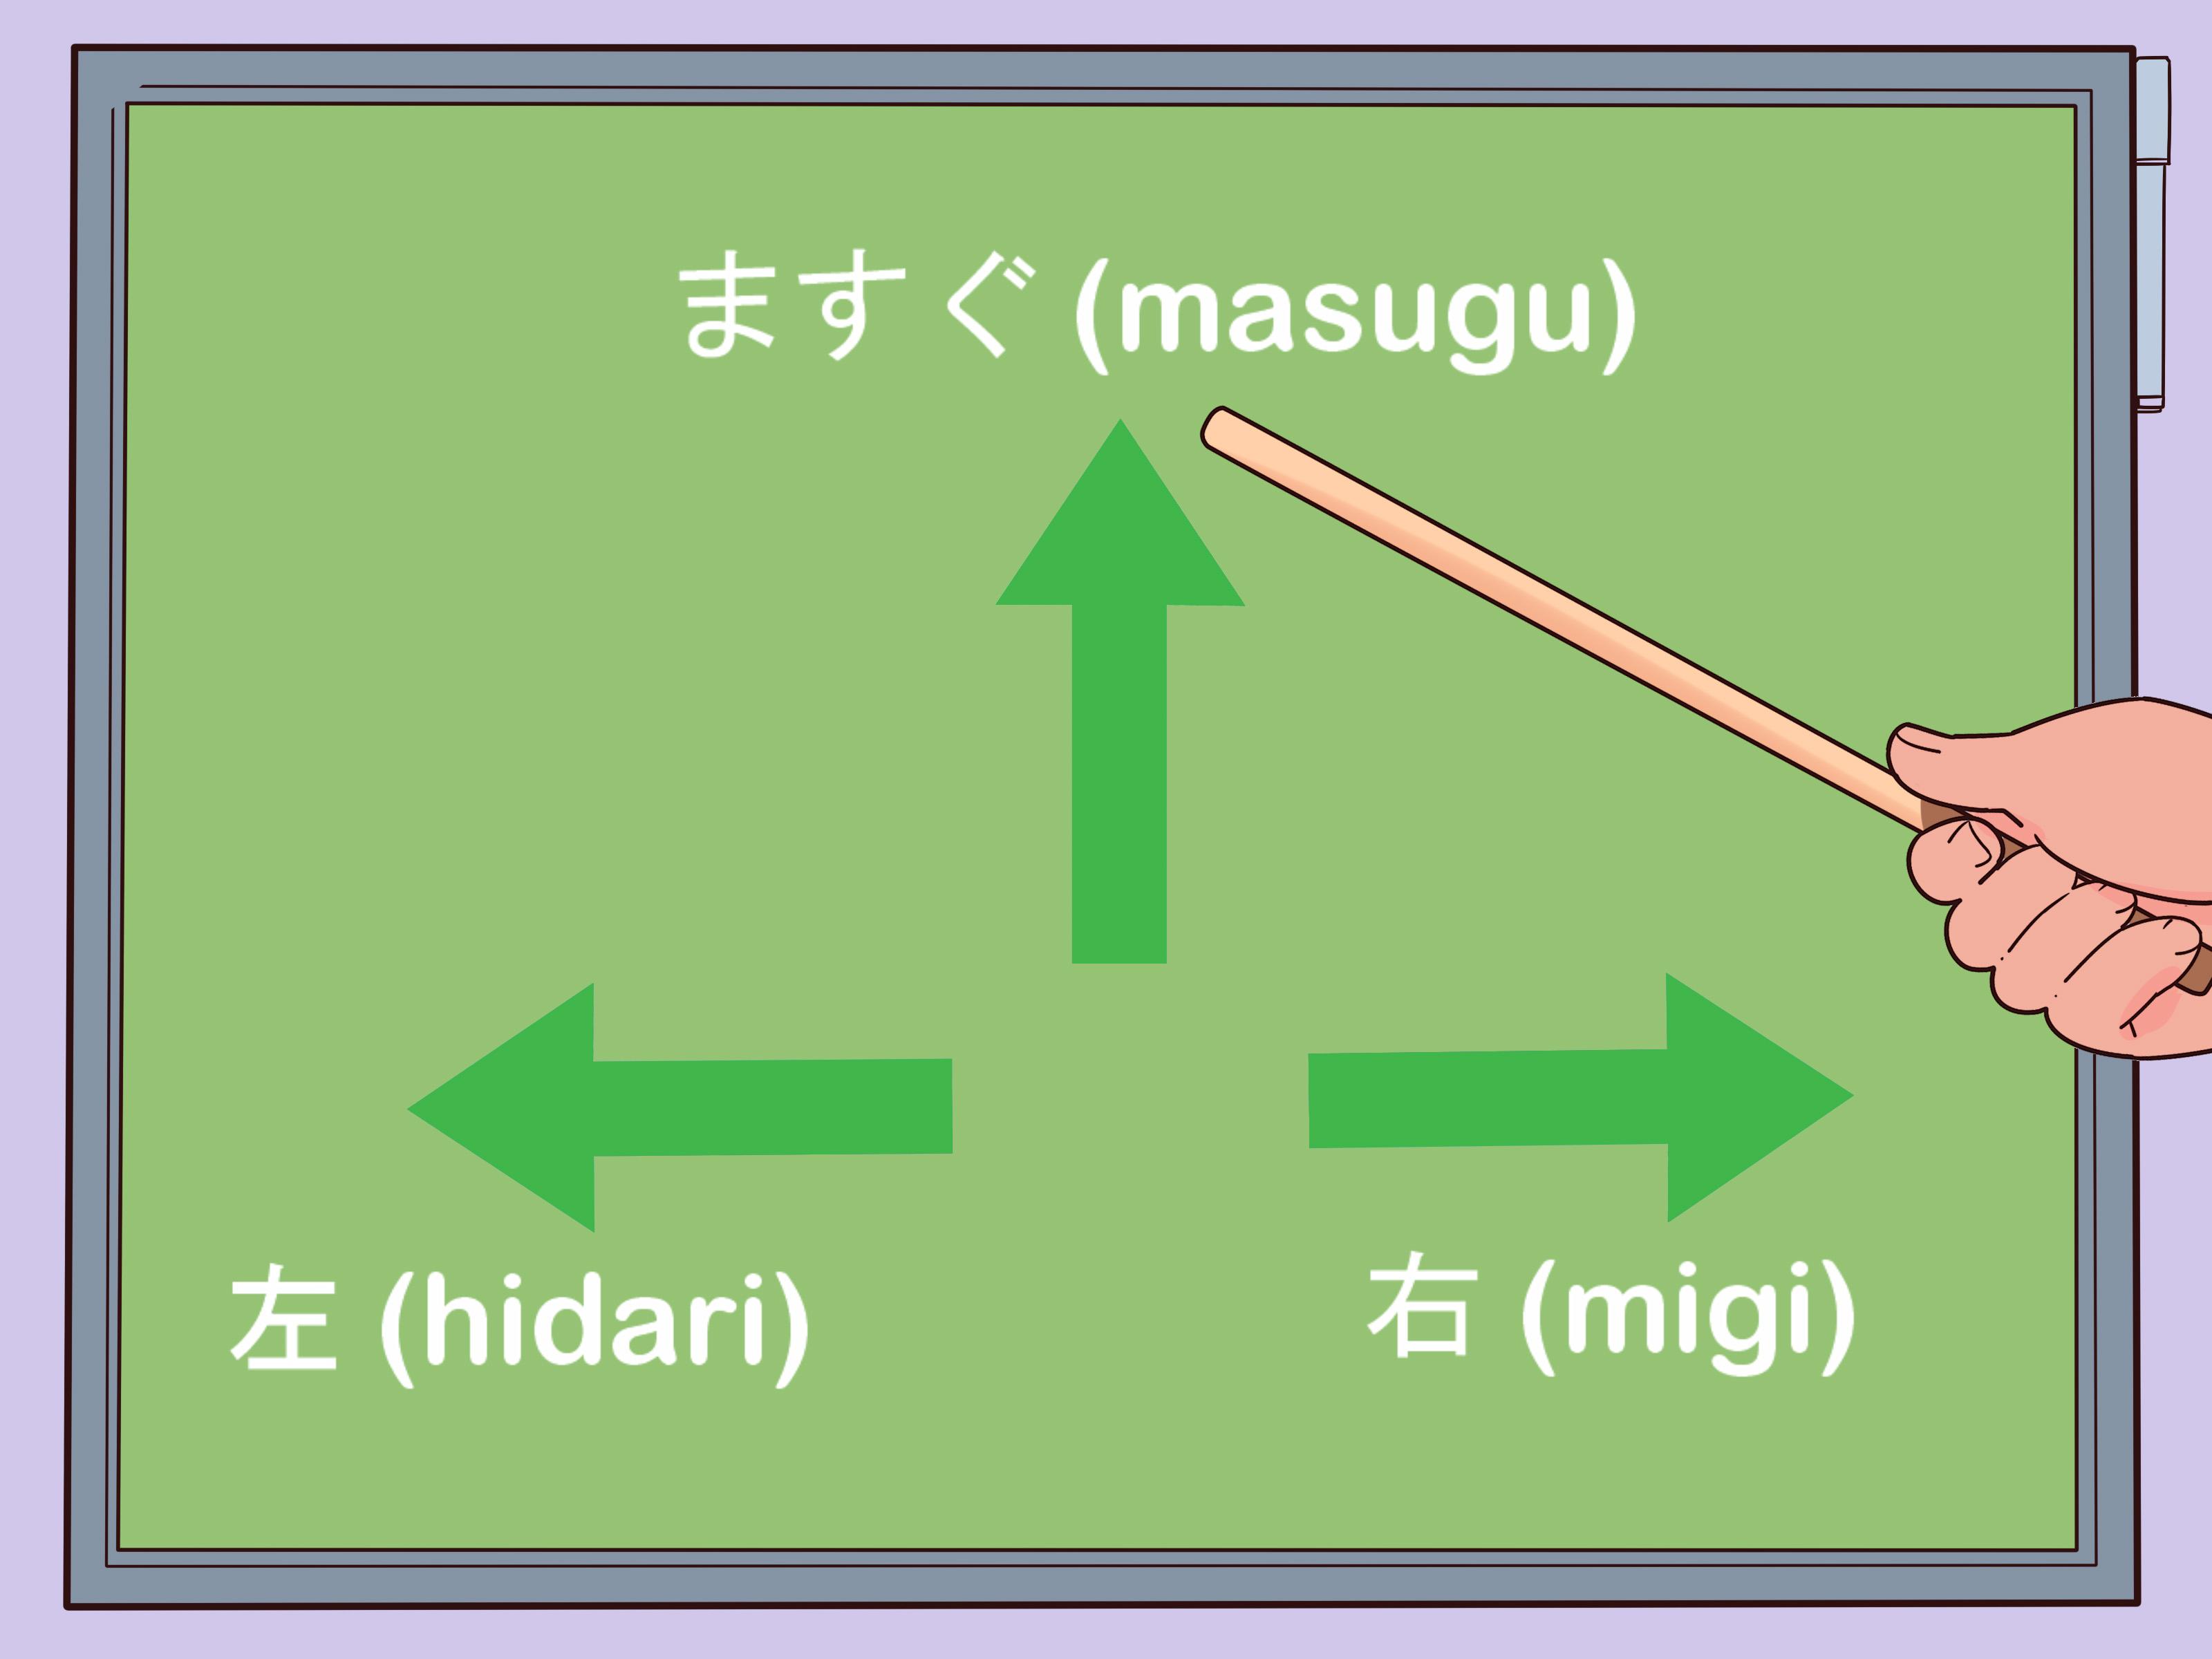 Comment Apprendre À Lire Et Écrire Plus Rapidement Le Japonais intérieur Bonjour Japonnais